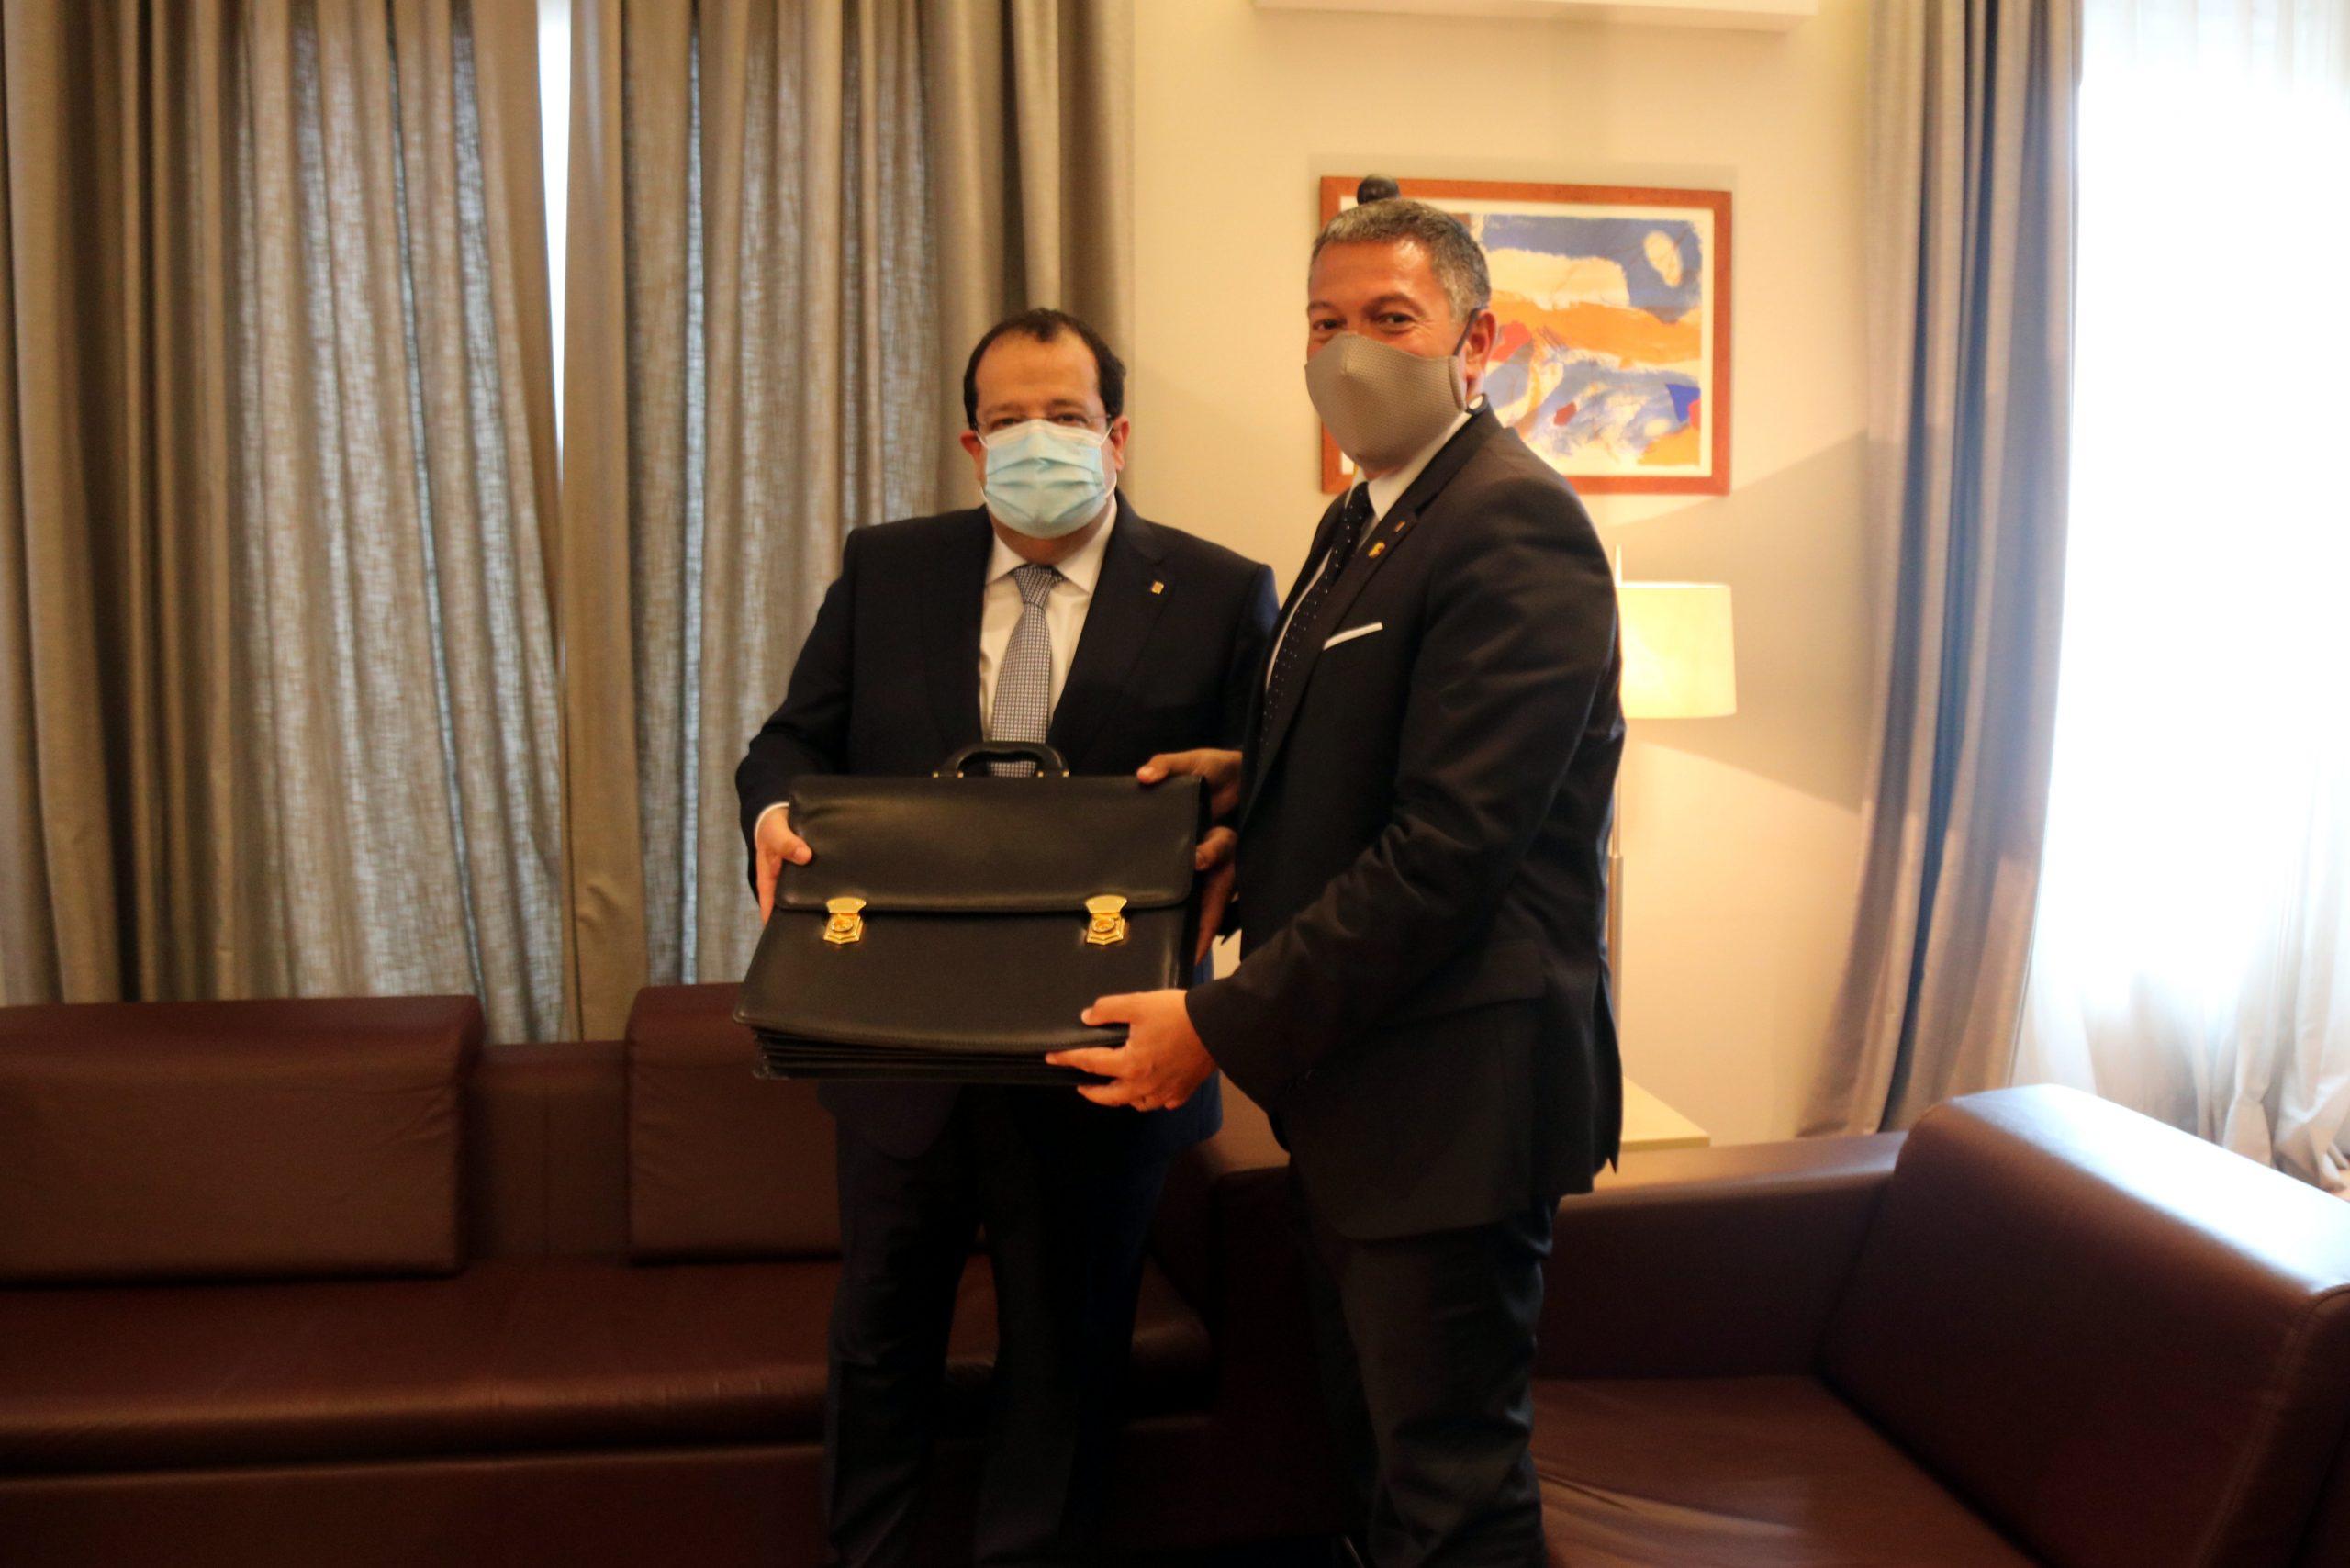 El nou conseller d'Interior, Joan Ignasi Elena, i el sortint, Miquel Sàmper, en el traspàs de carteres/ACN